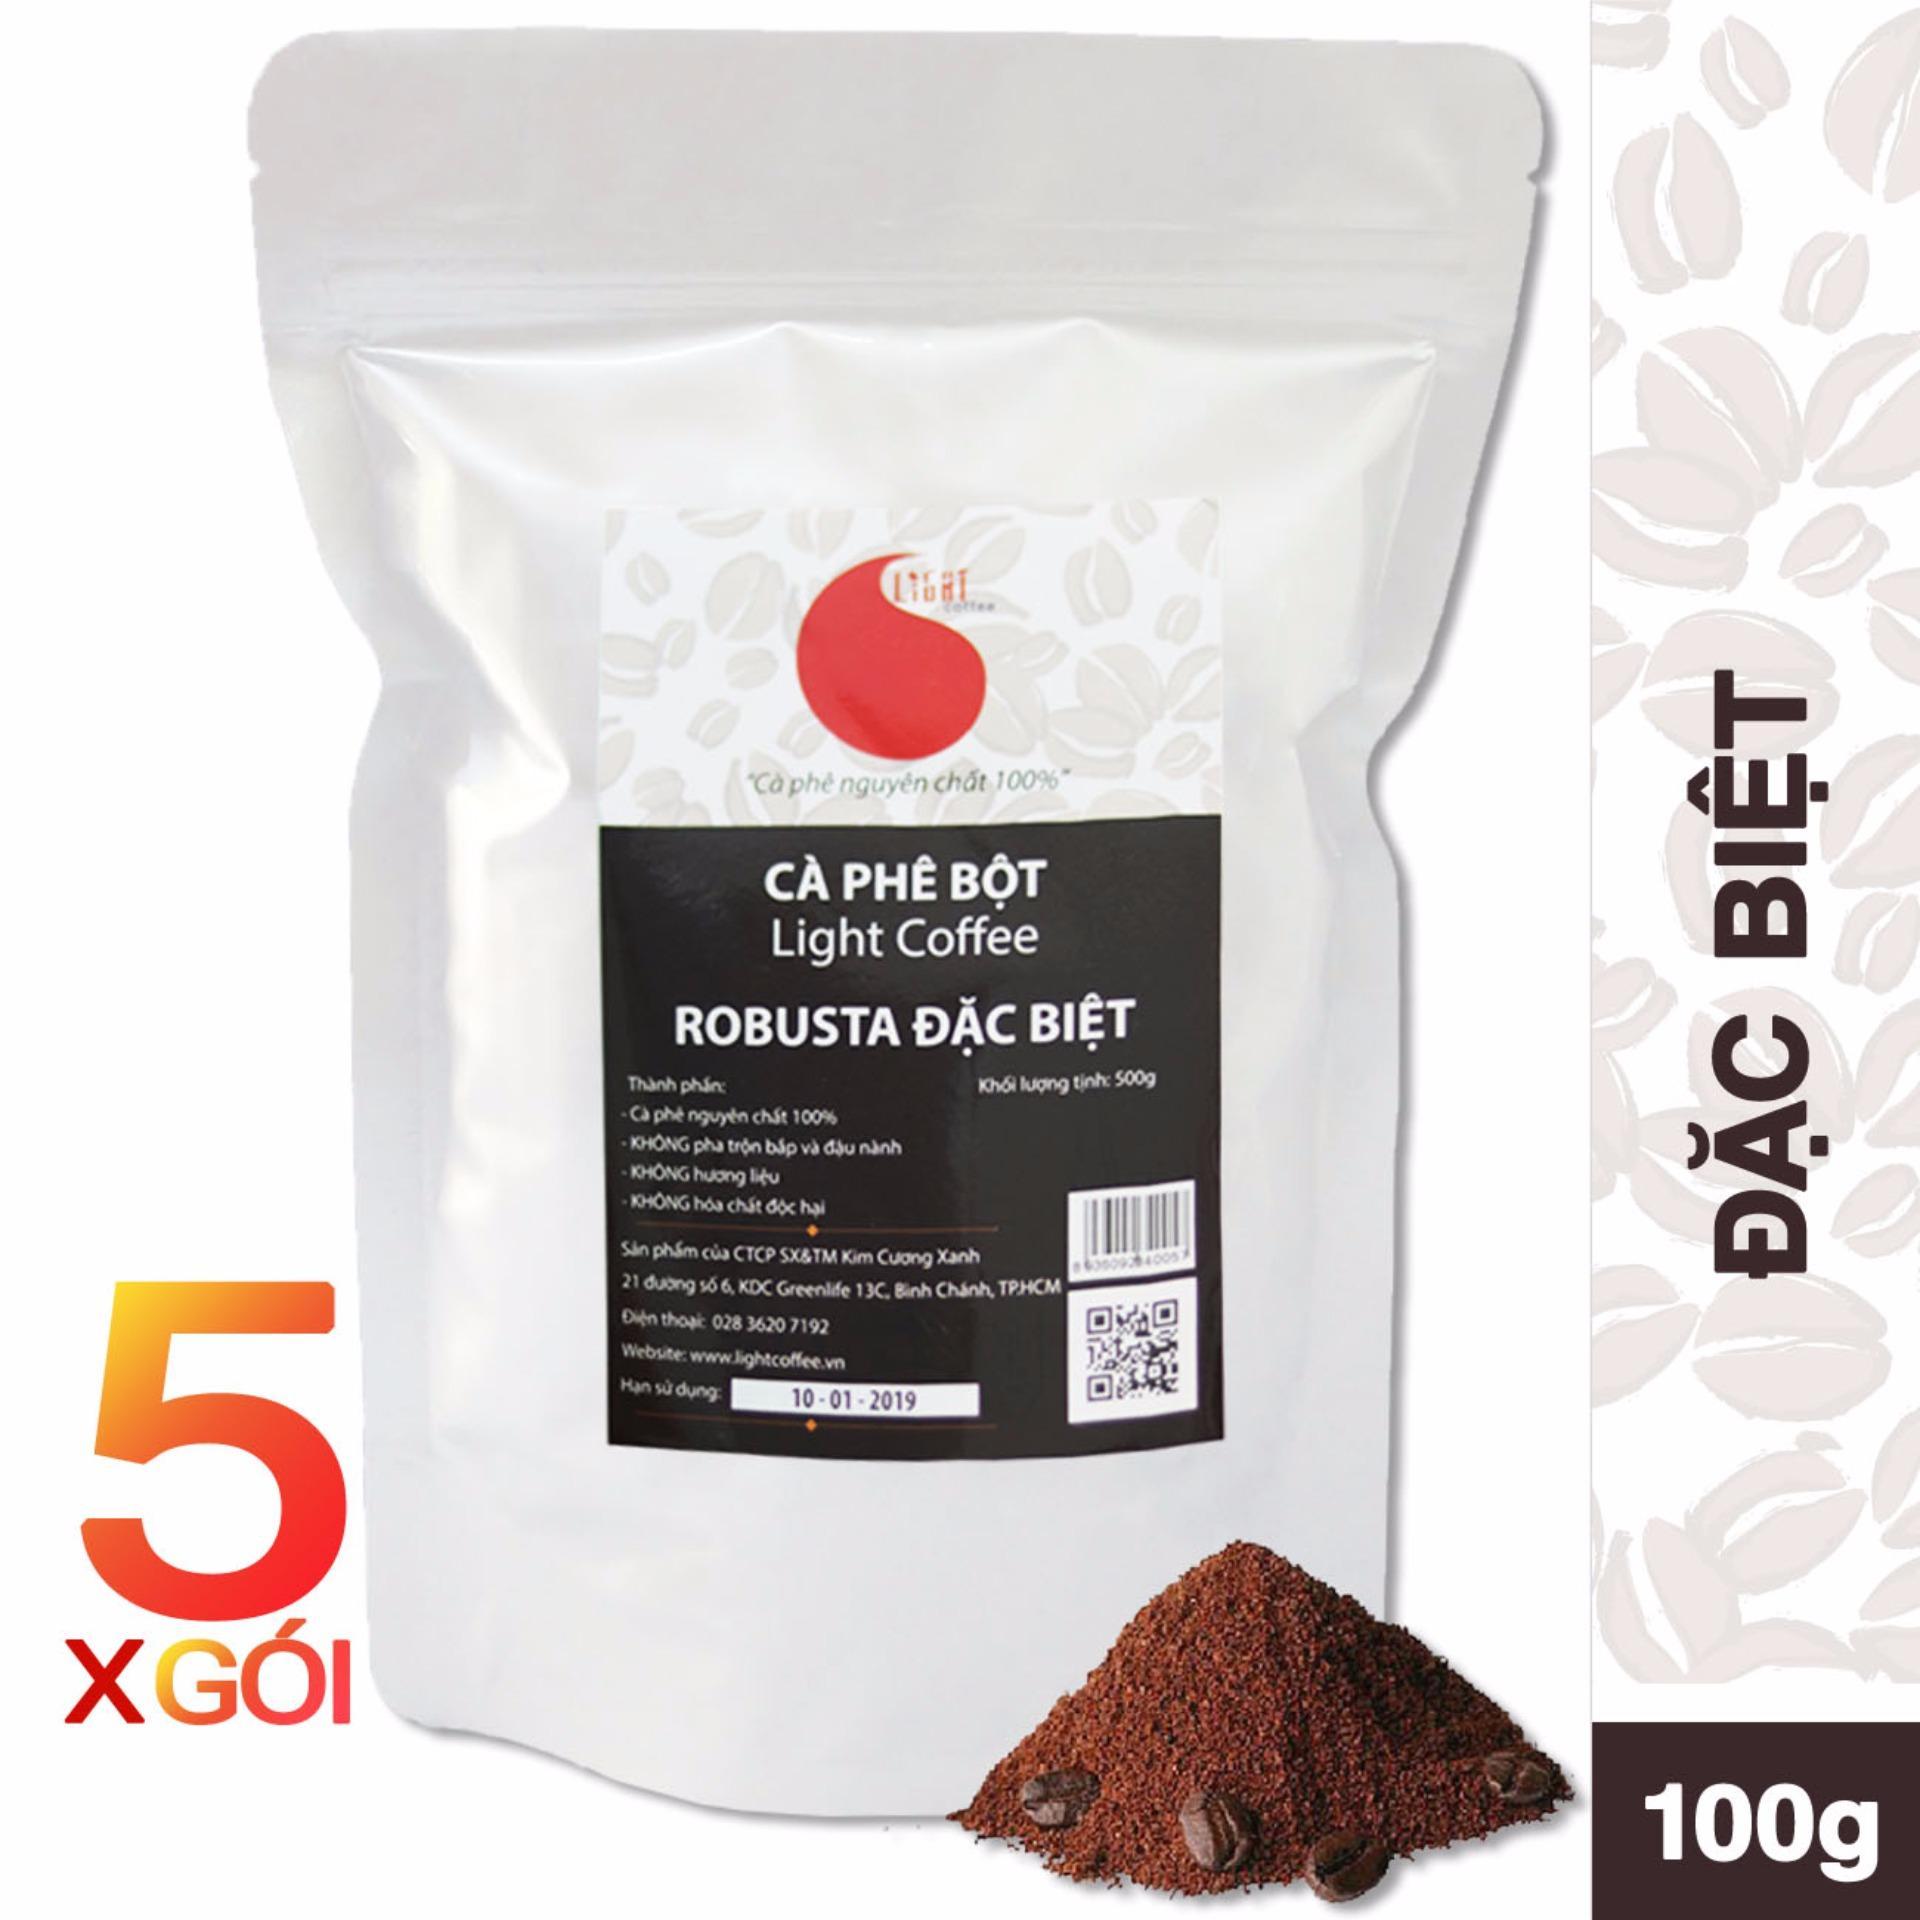 Giá Bán Giảm Gia Combo 5 Goi 2 5Kg Ca Phe Nguyen Chất 100 Light Coffee Đặc Biệt Bột Nguyên